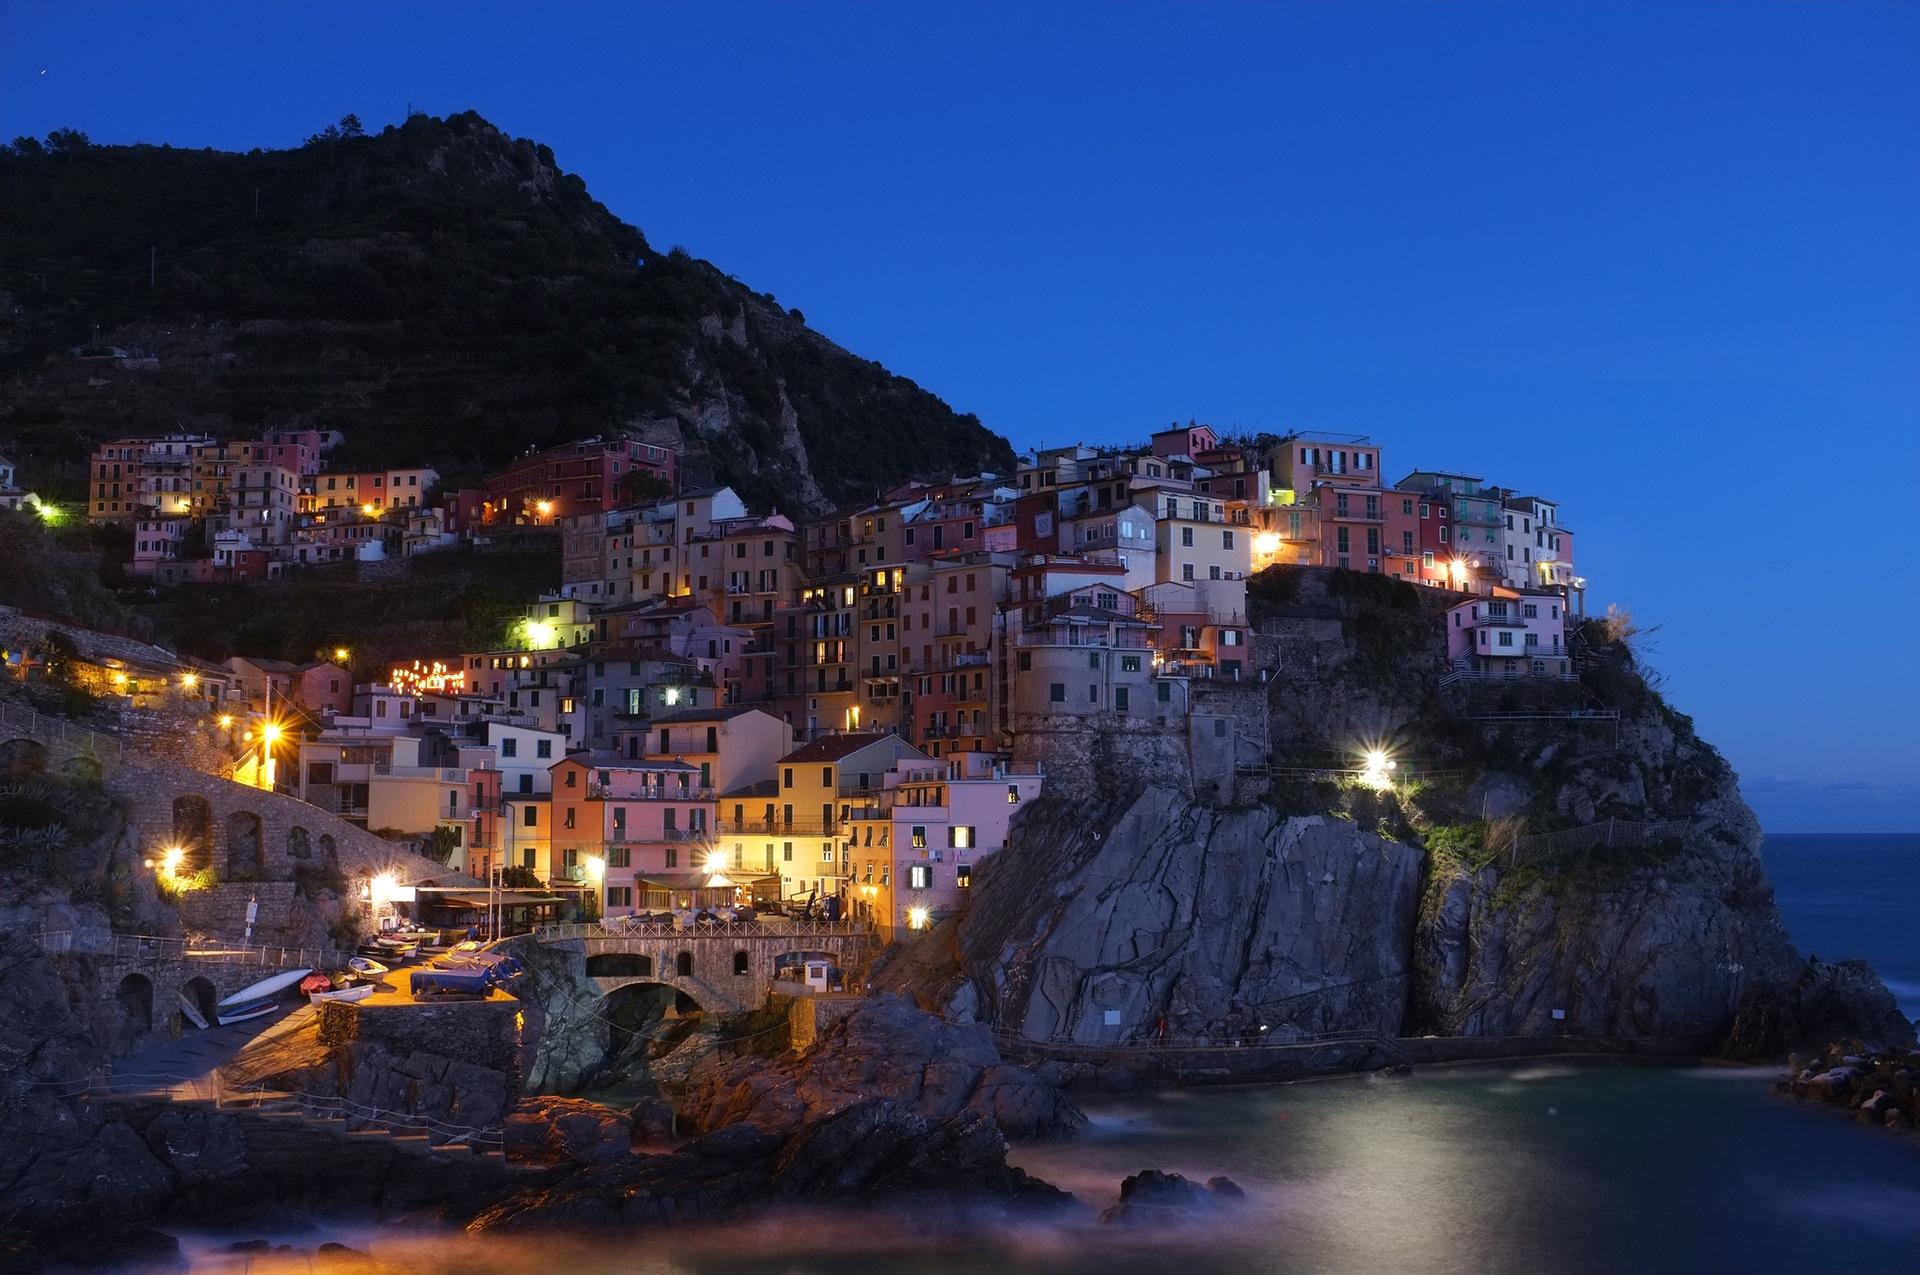 Μαναρόλα, σούρουπο, Κόστα, Θάλασσα, σπίτια, χωριό, ομορφιά, Μεσόγειο - Wallpapers HD - Professor-falken.com